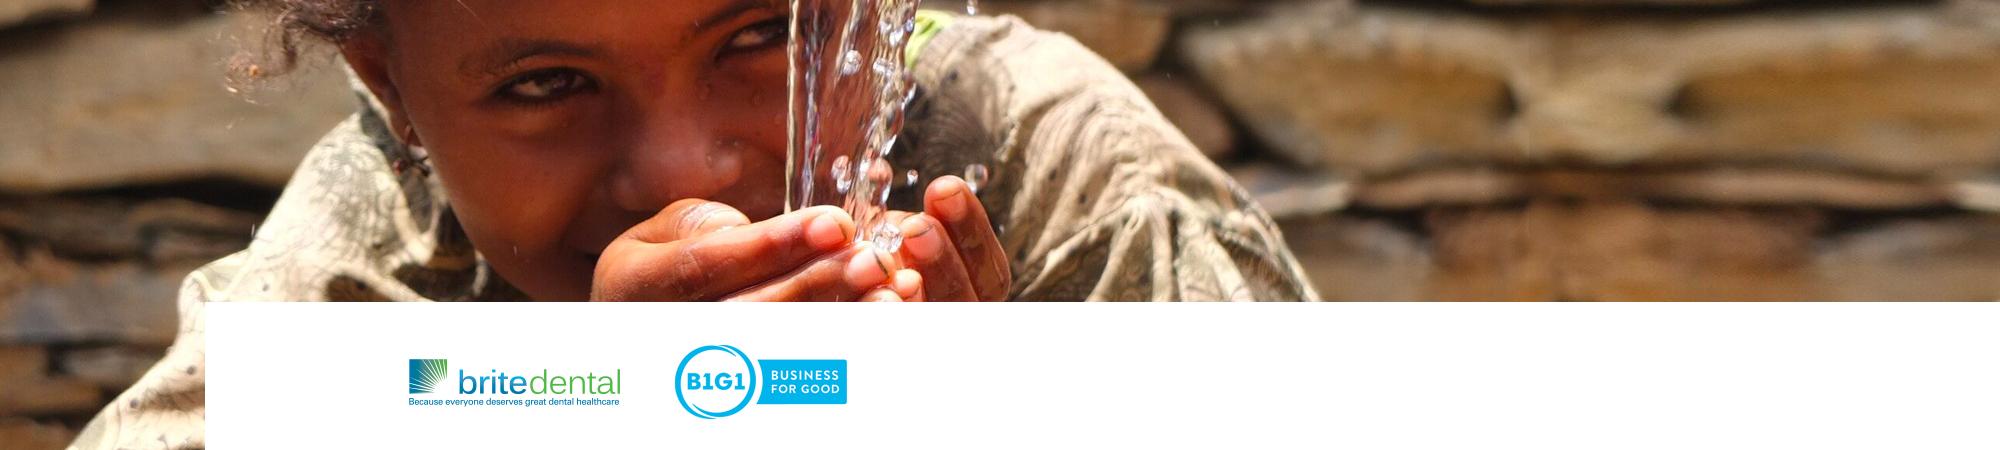 B1G1 water